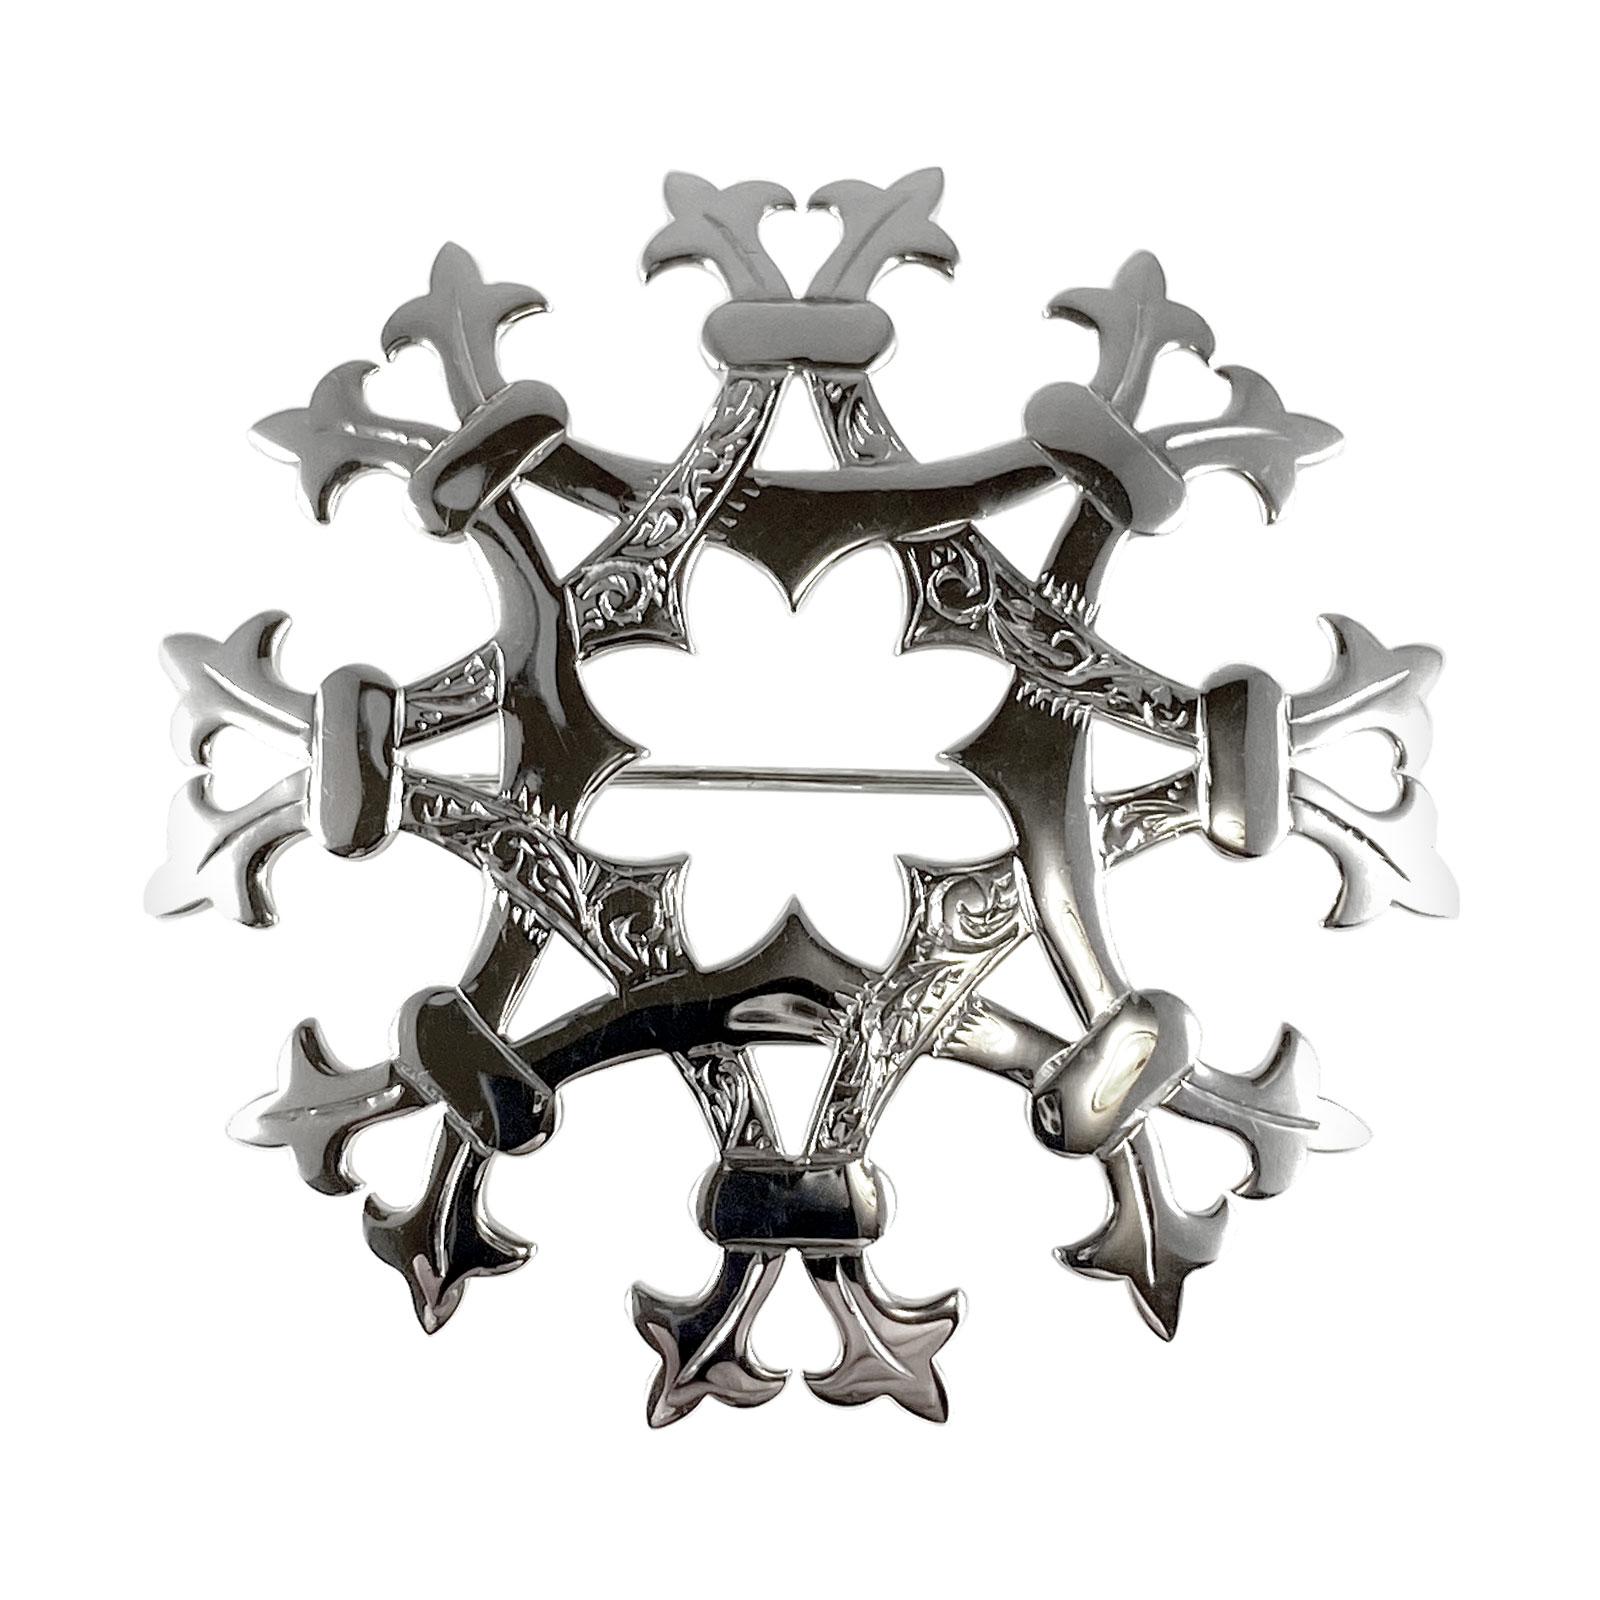 The Iona Kilt Pin